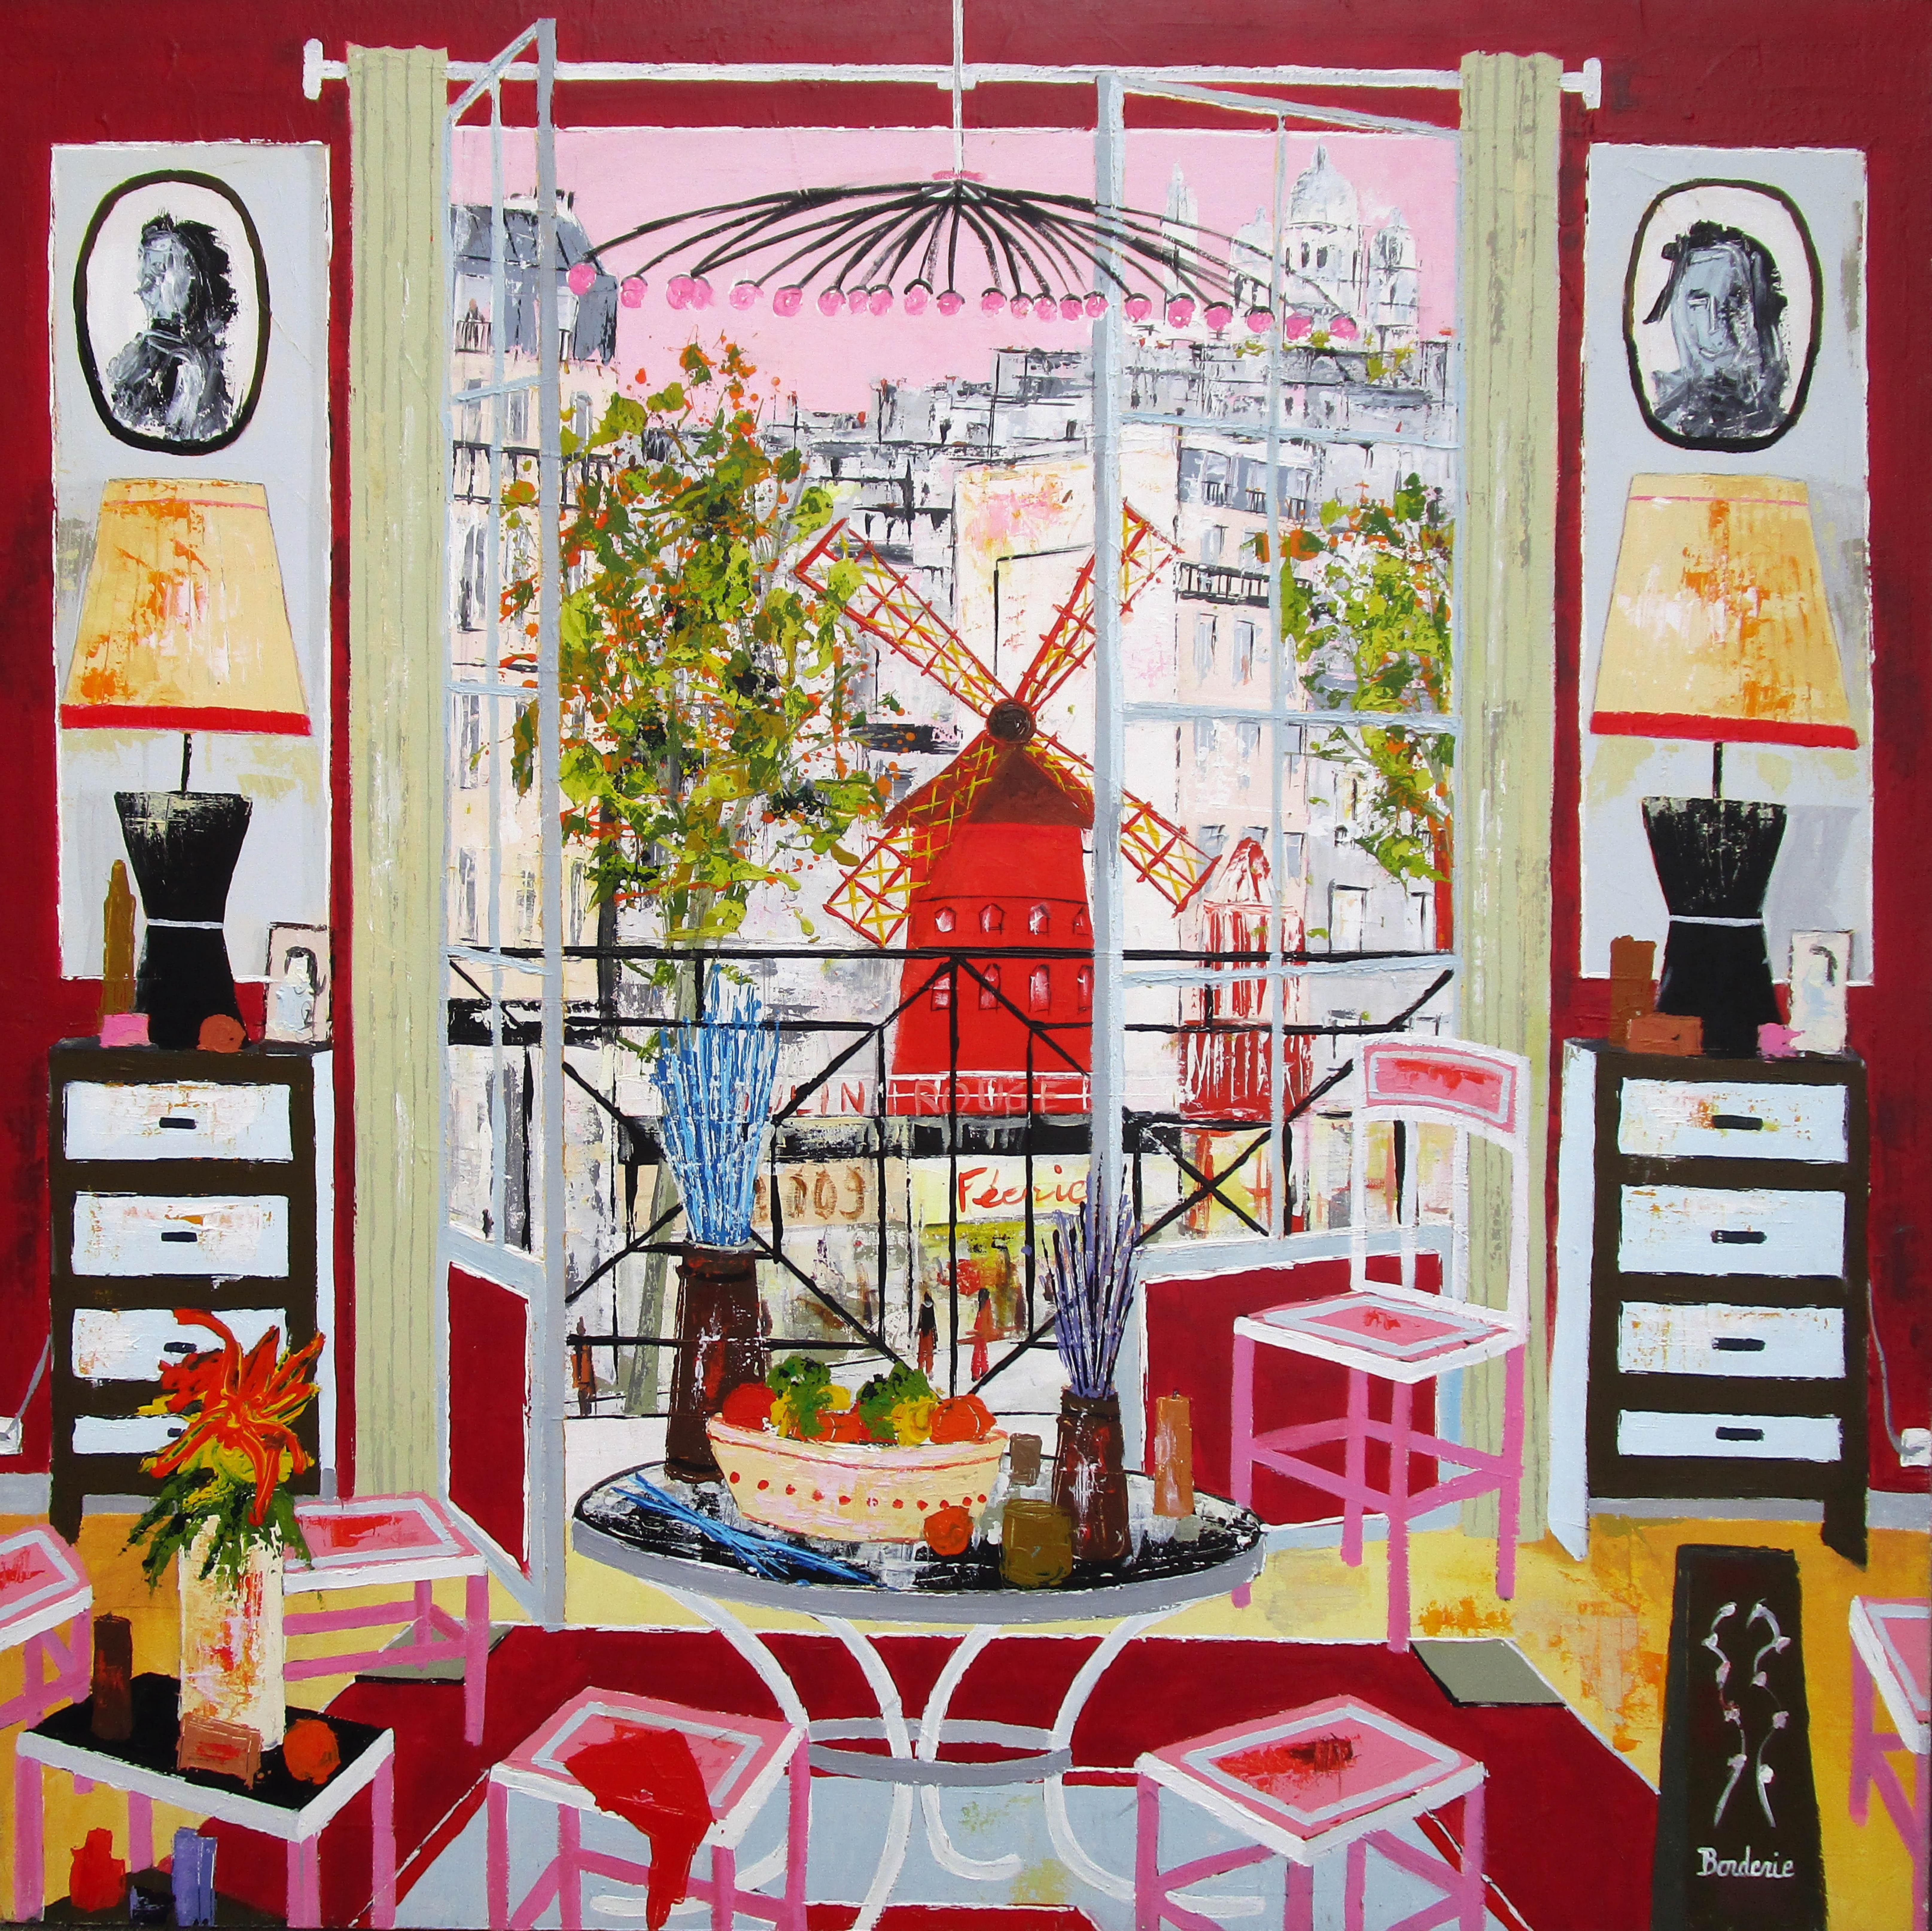 Le salon rose devant le moulin rouge 120